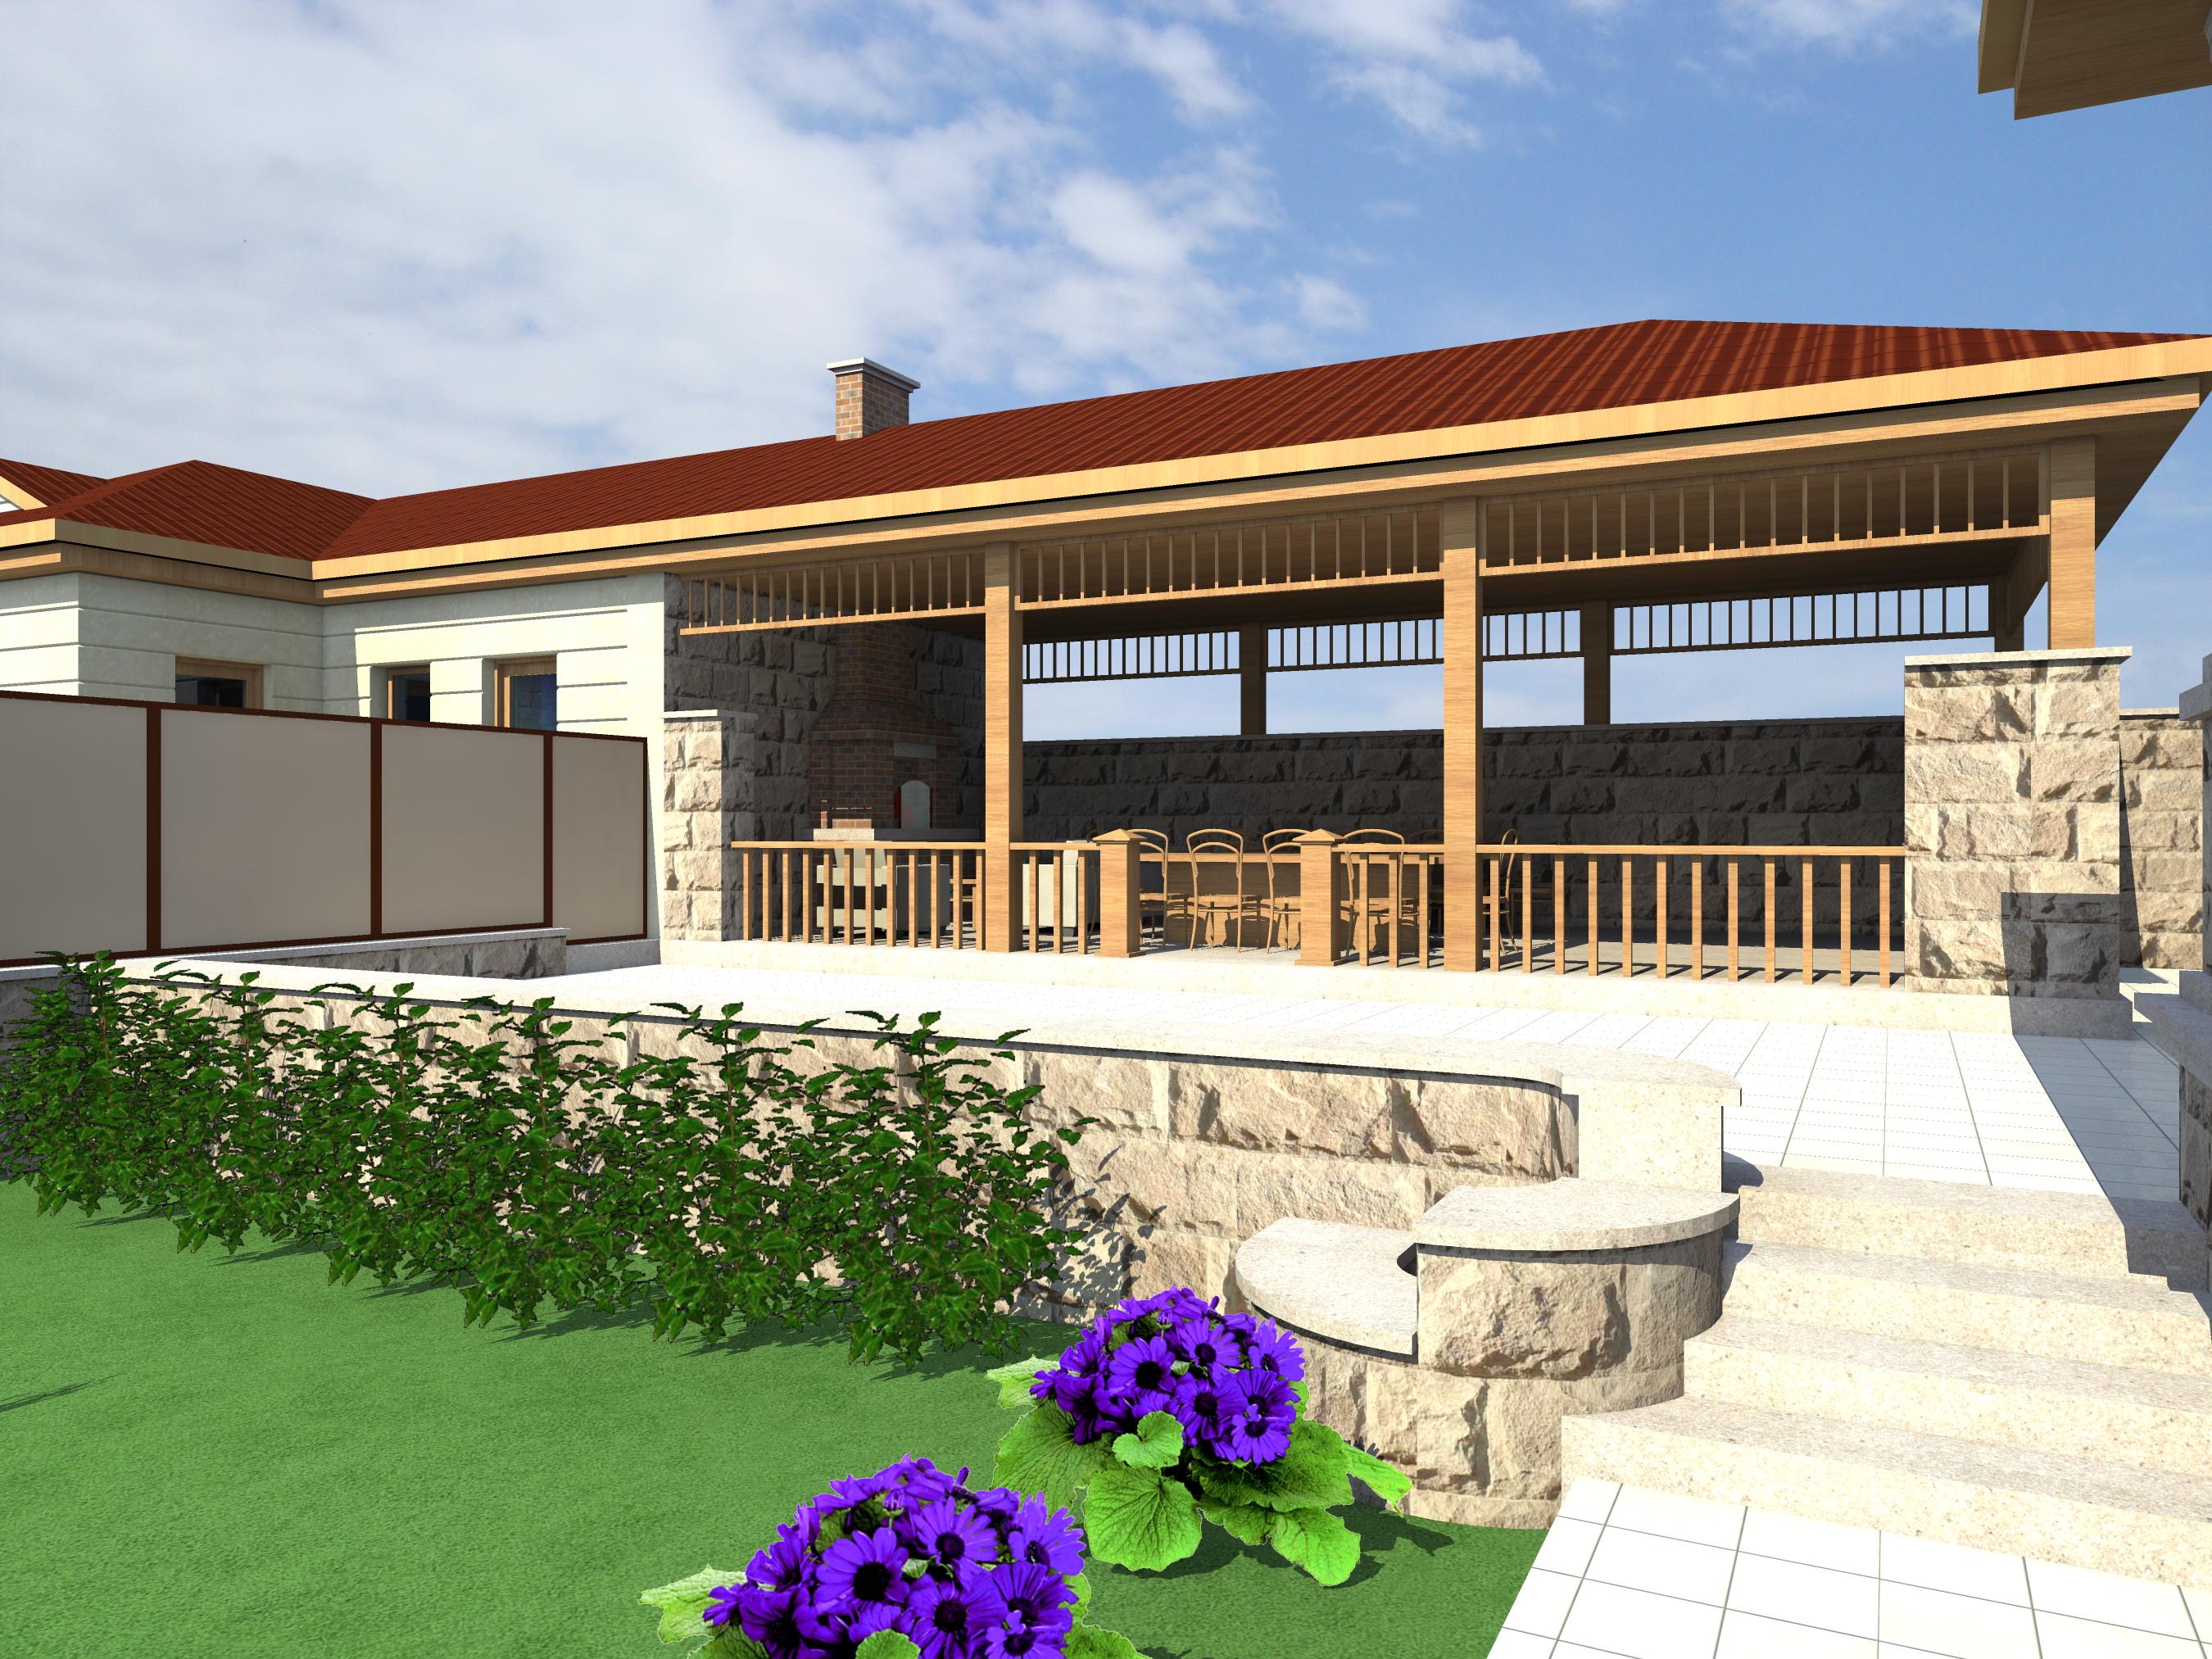 Проект двухэтажного дома с сауной, беседкой, зона барбекю и бассейном - 2